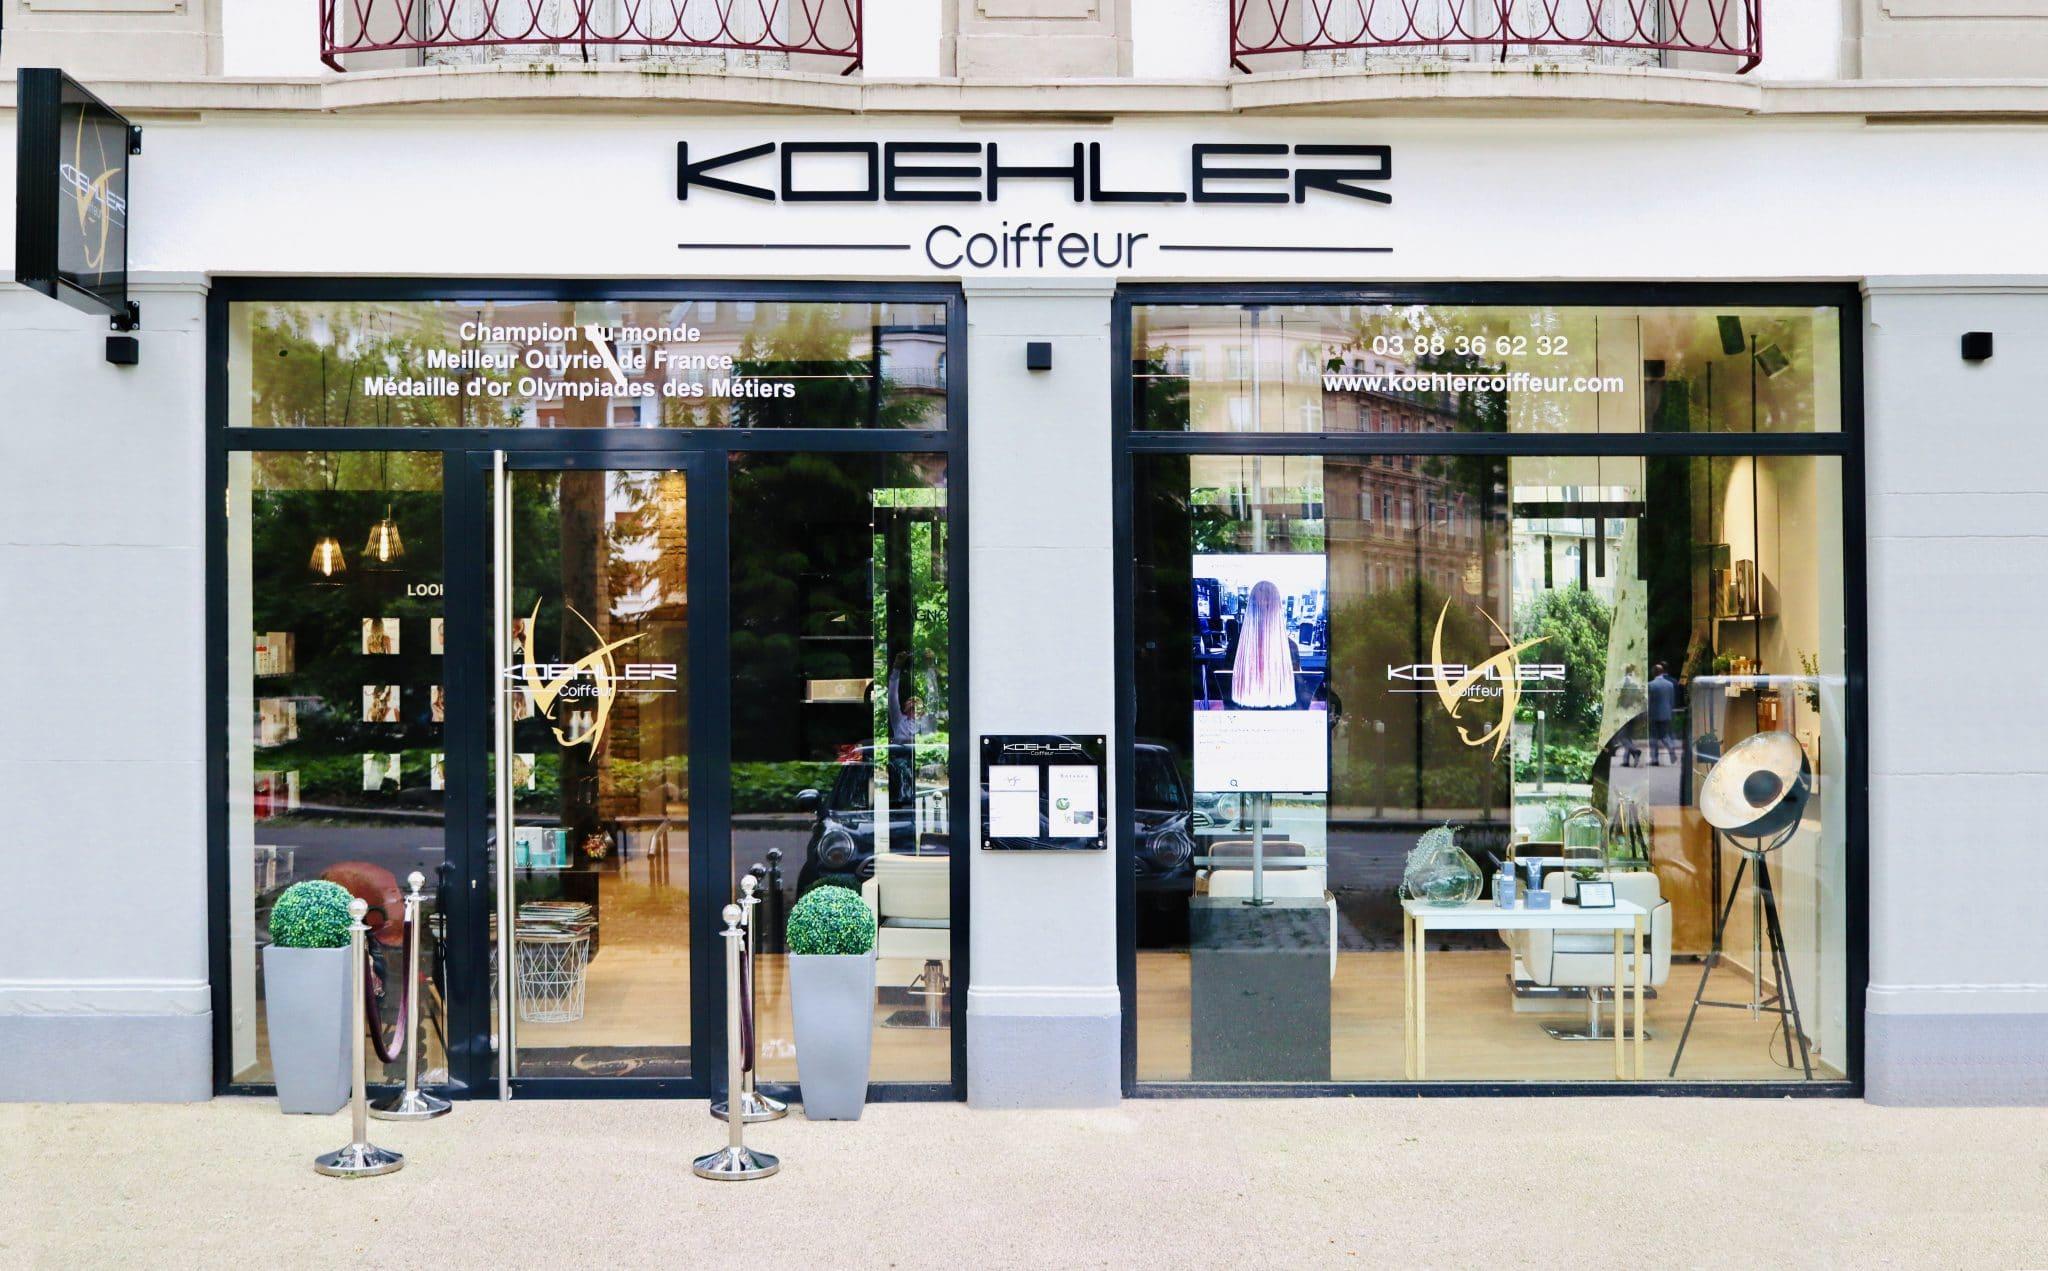 Réalisation AAE - Koehler Coiffeur - Strasbourg